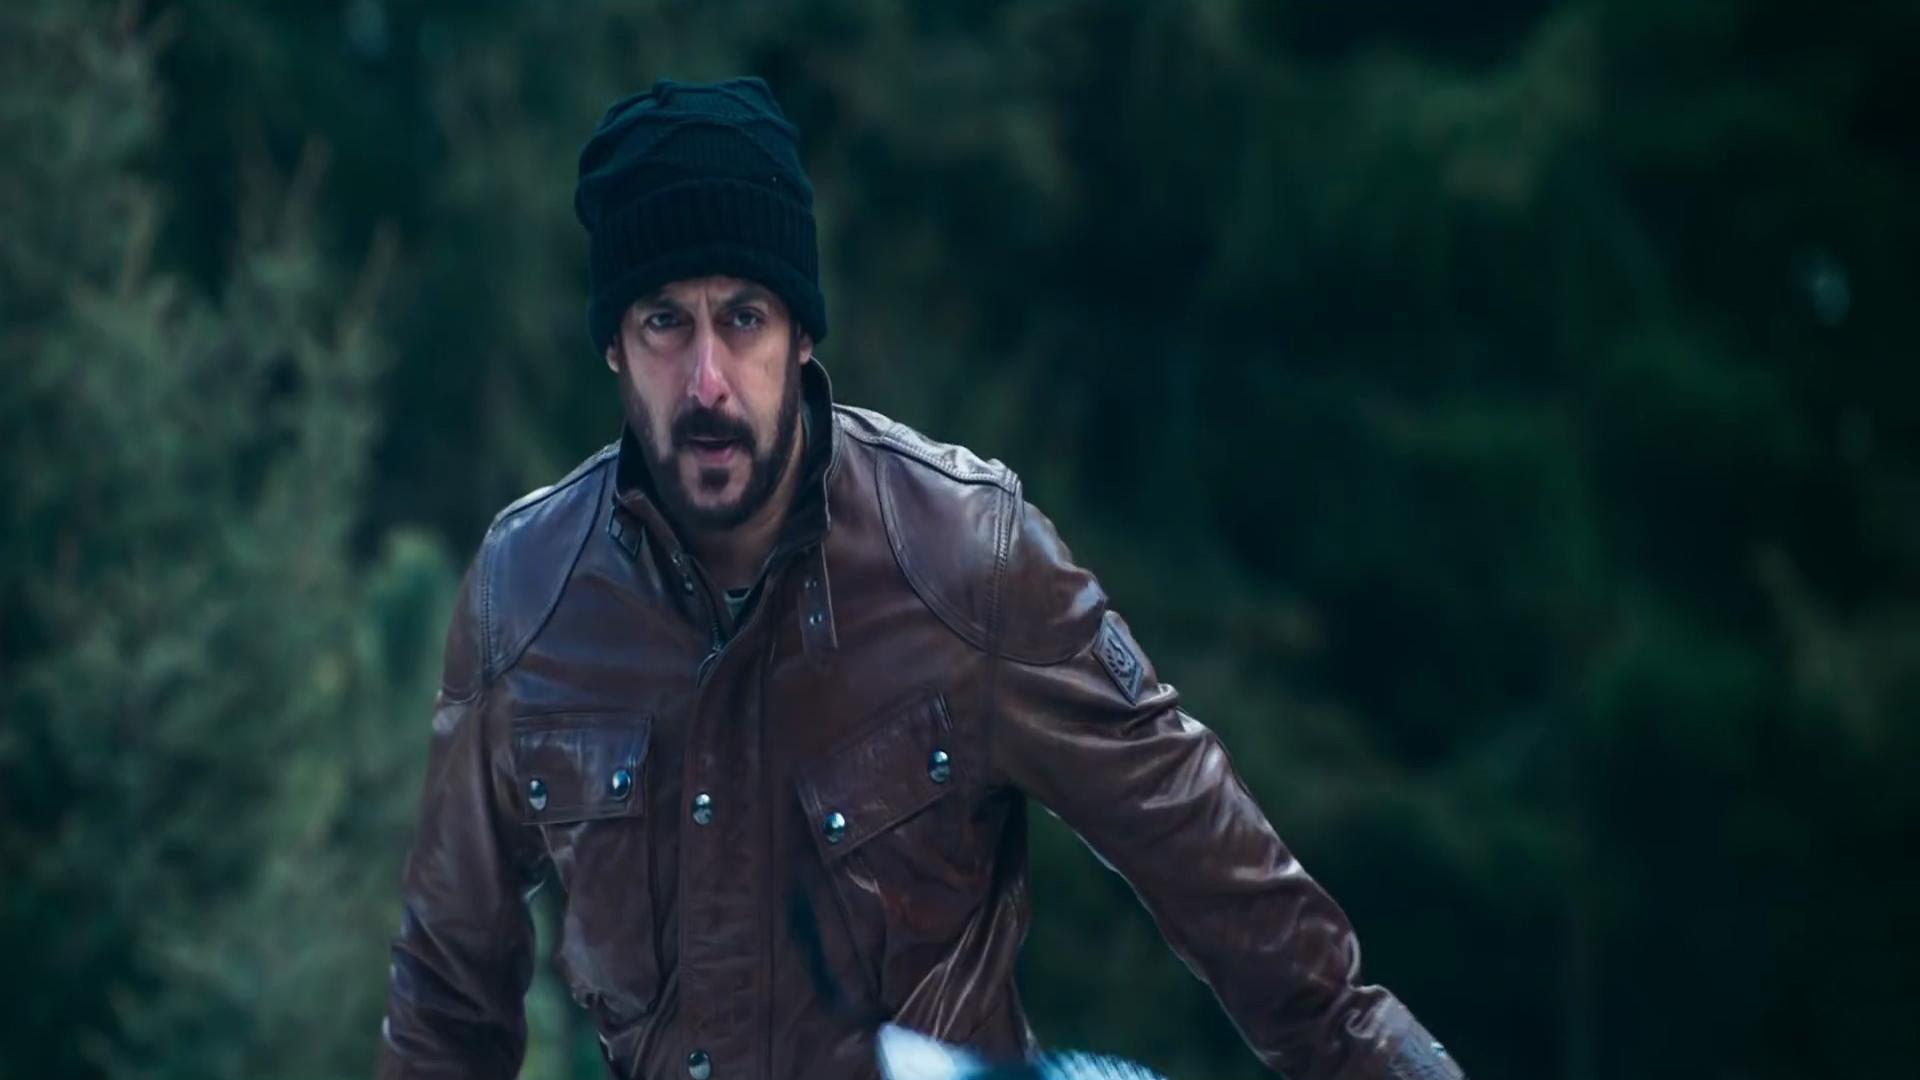 free download bollywood new movie tiger zinda hai